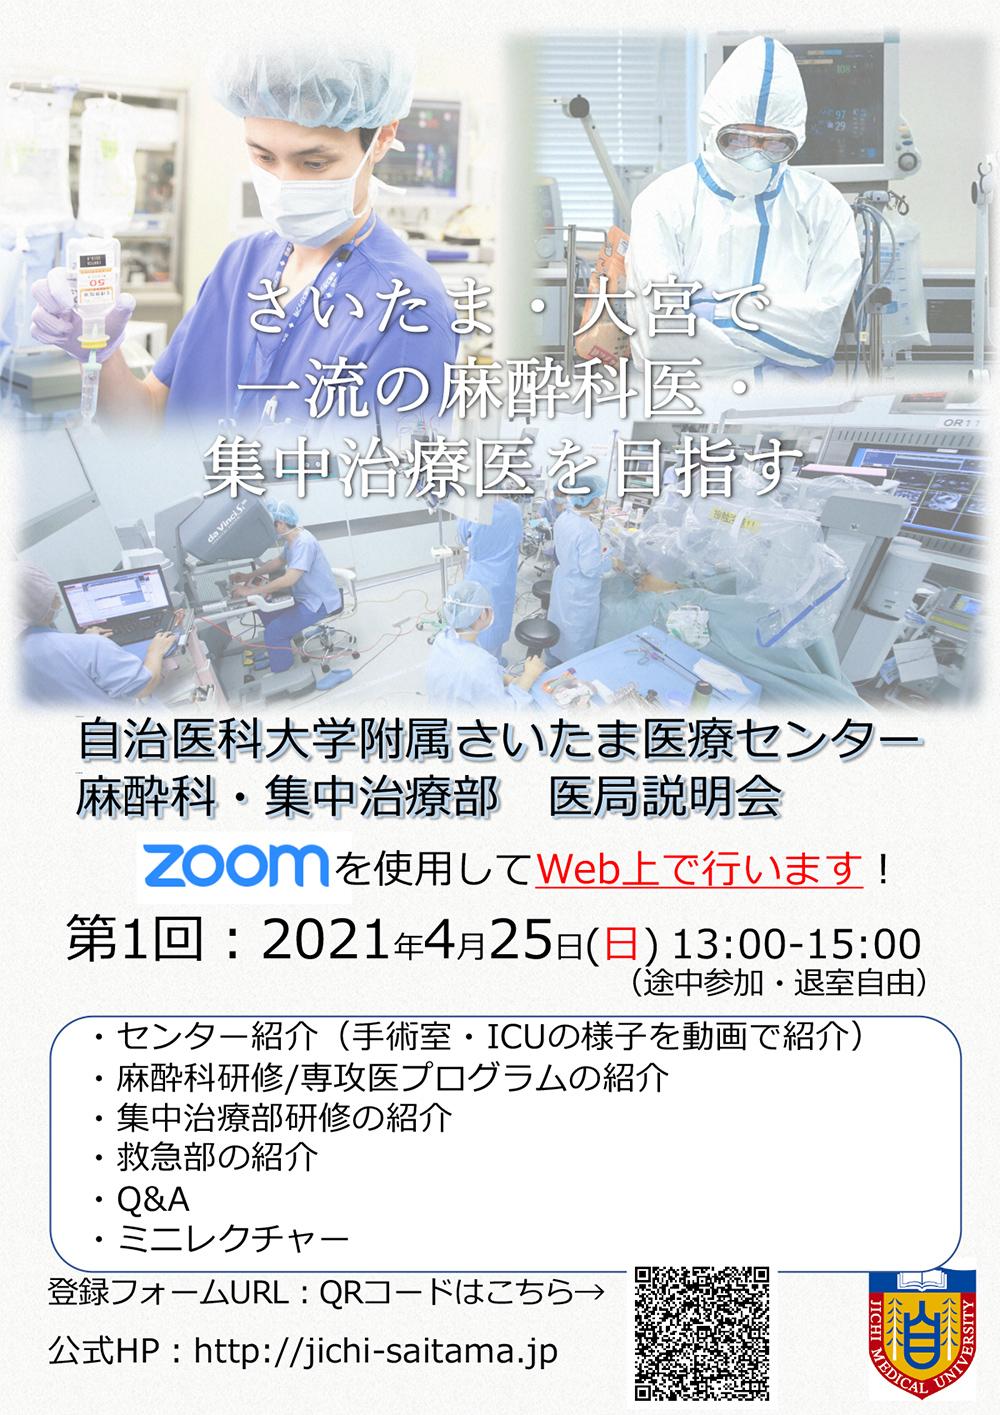 オンライン医局説明会開催のお知らせ【2021年4月25日(日)開催】